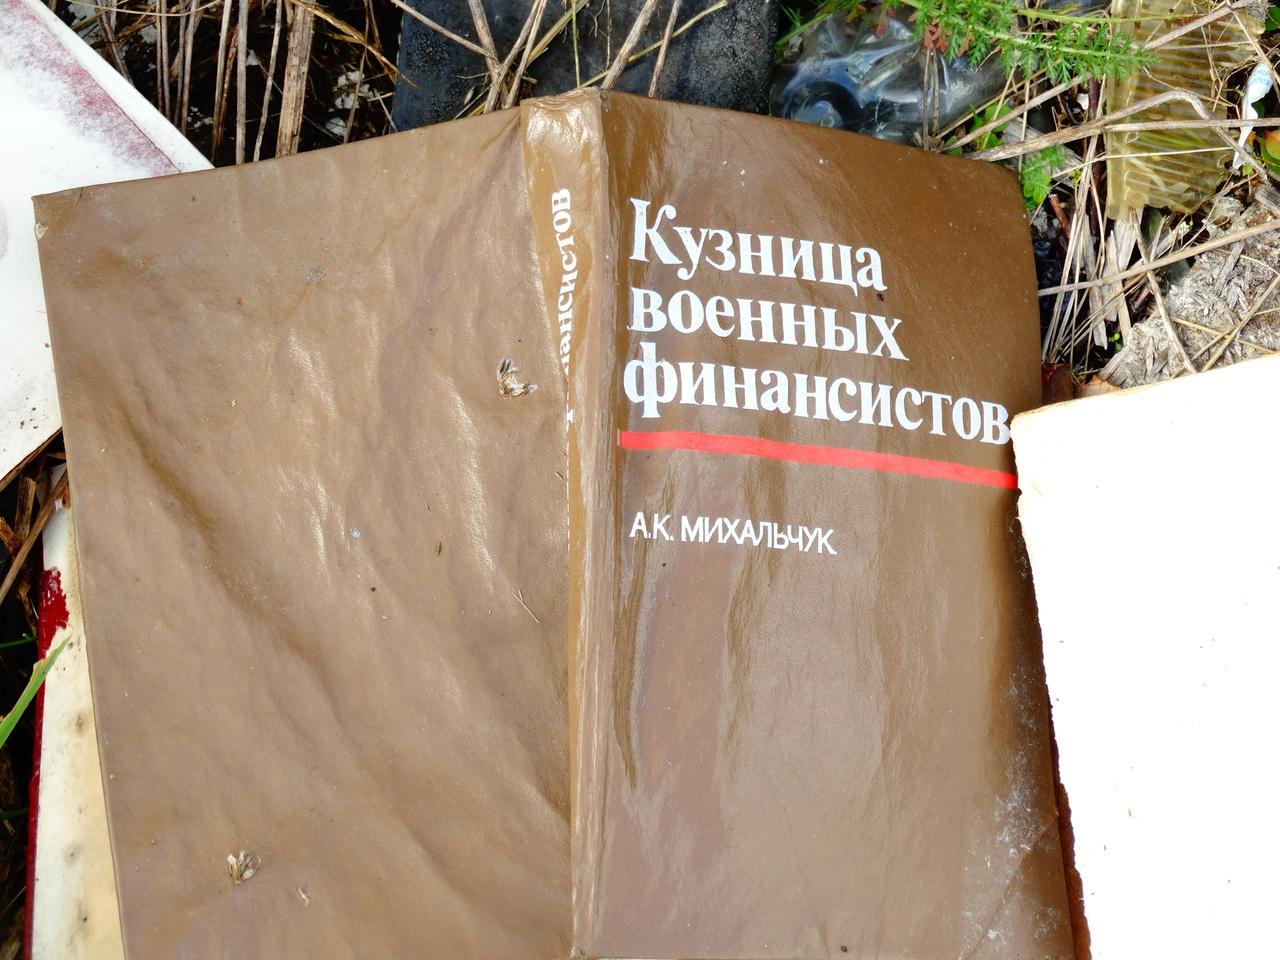 Под Ярославлем появилась стихийная свалка с военной литературой